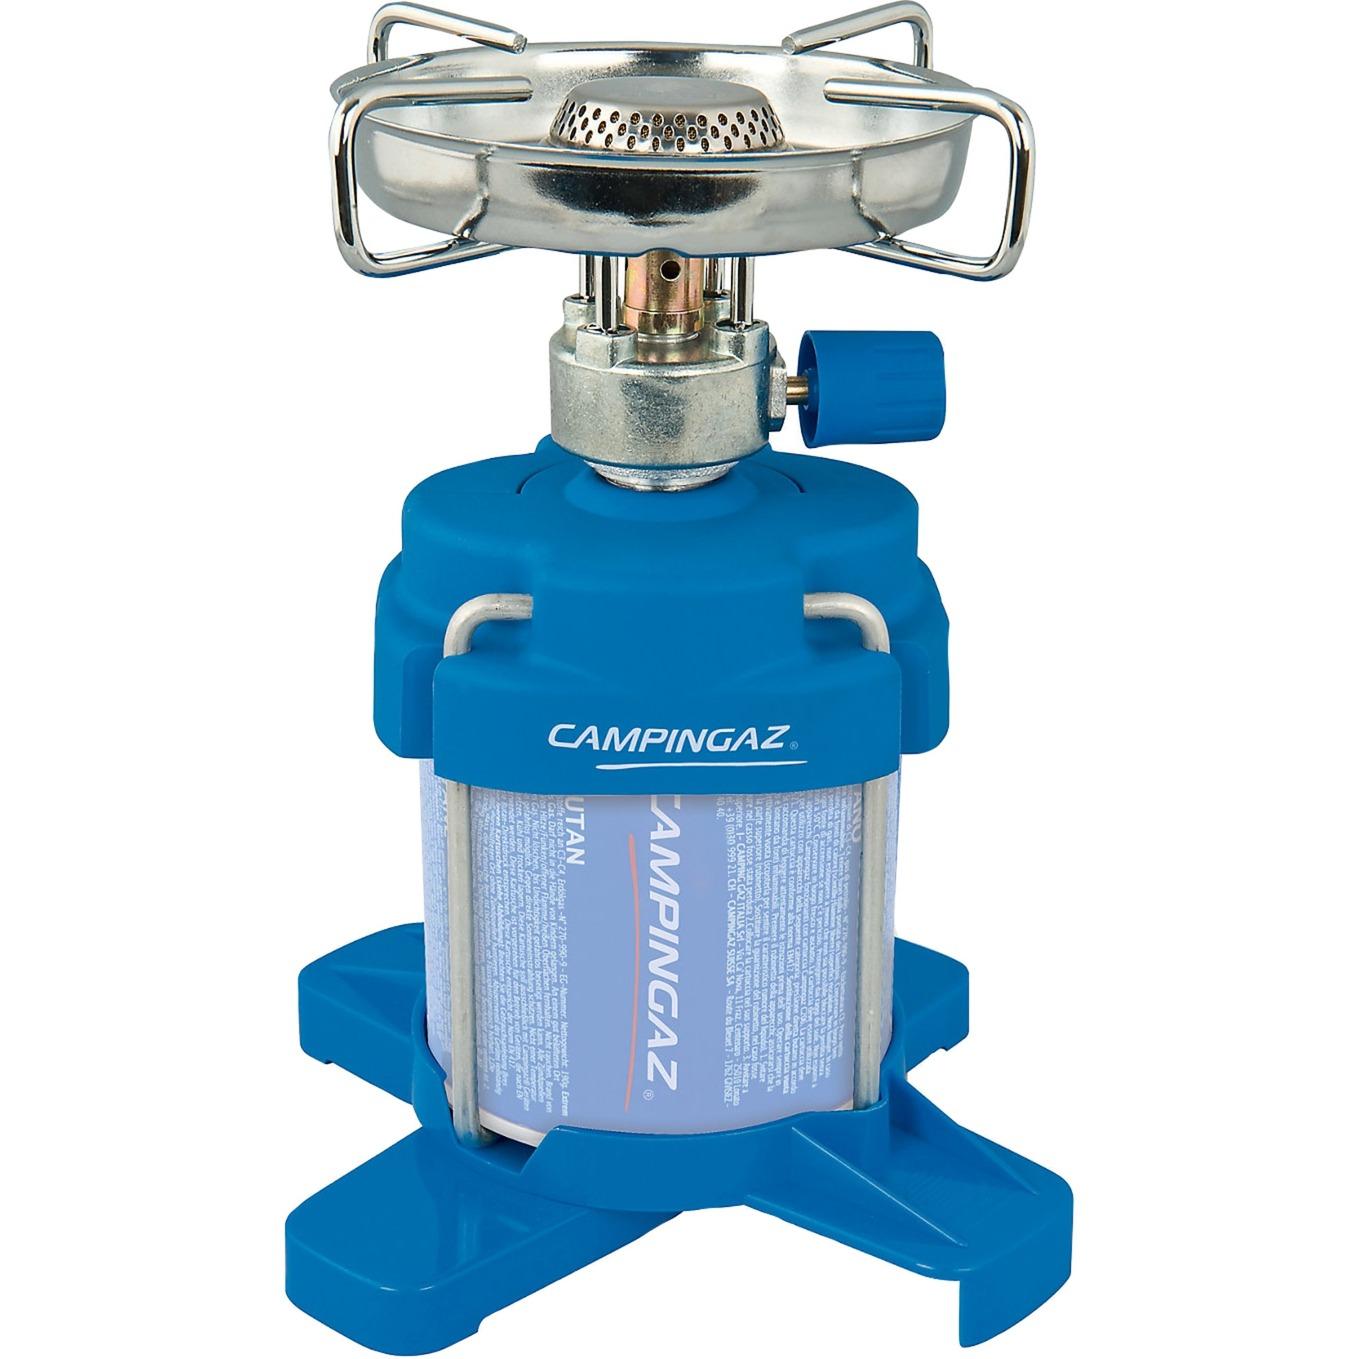 2000010439 370g Azul Manguera de gas accesorio para hornillo de camping, Cocina de gas